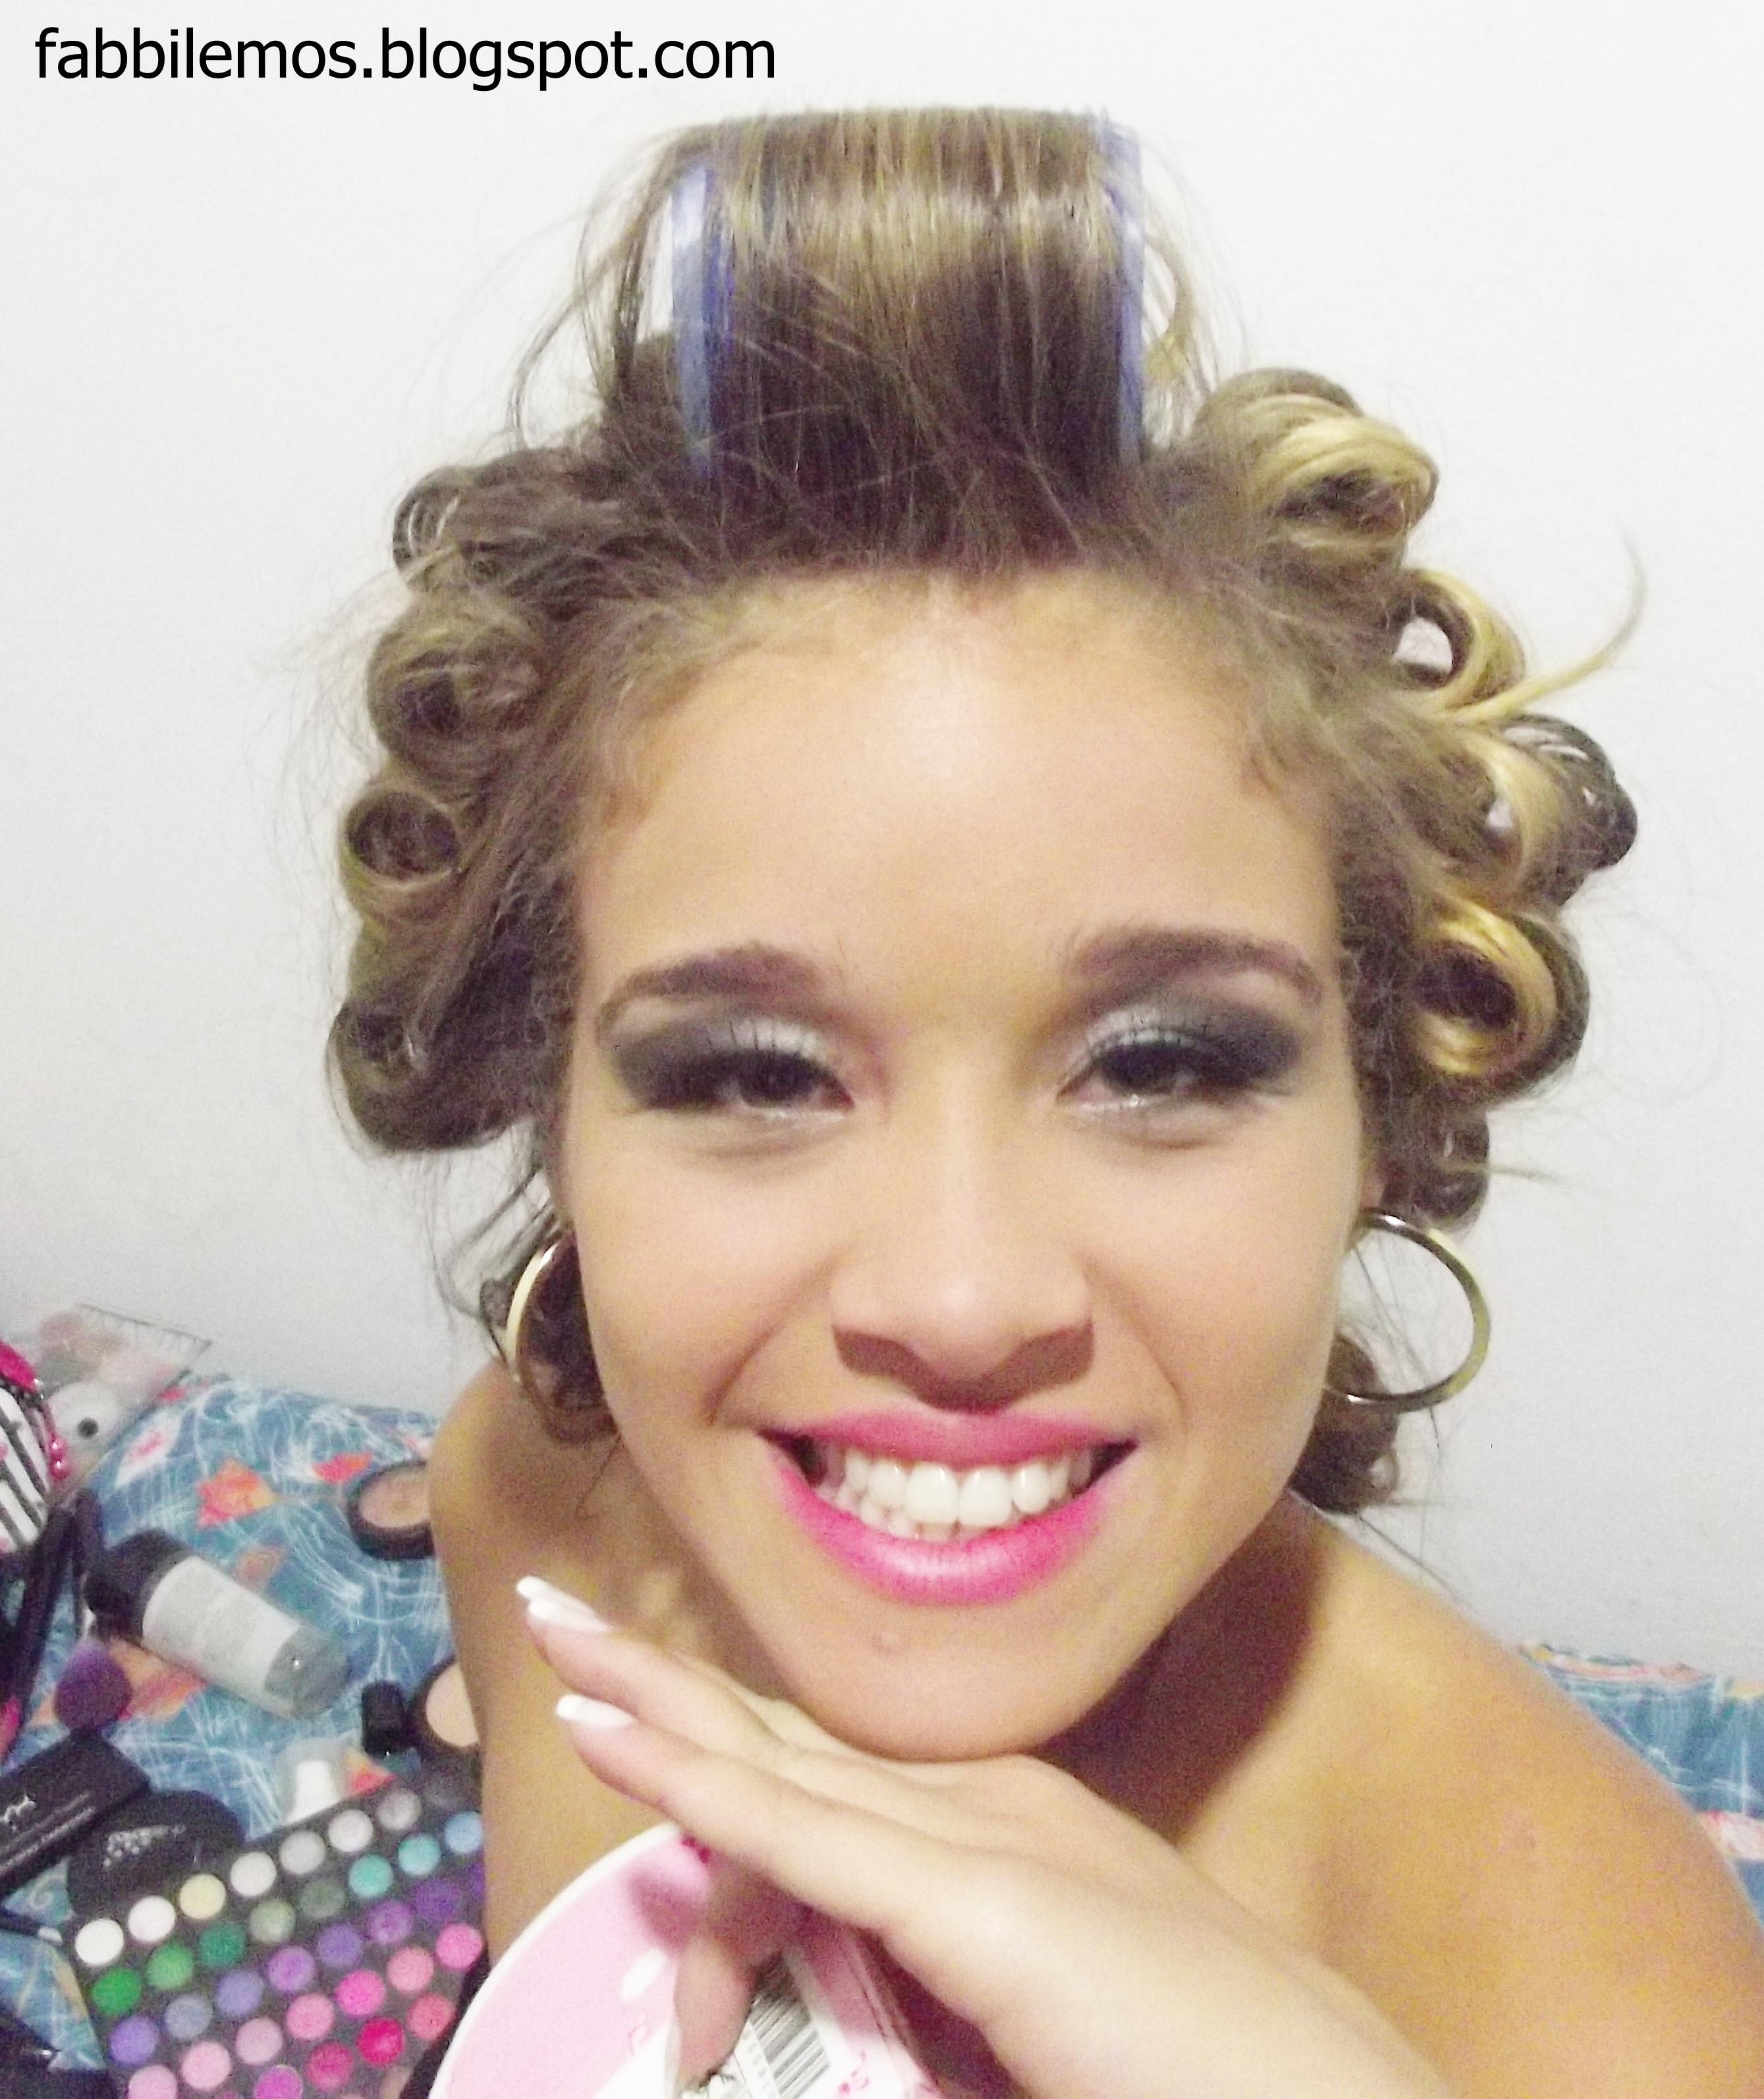 Miss Maricá 2013 O depois da candidata. maquiador(a) docente / professor(a) designer de sobrancelhas manicure e pedicure esteticista